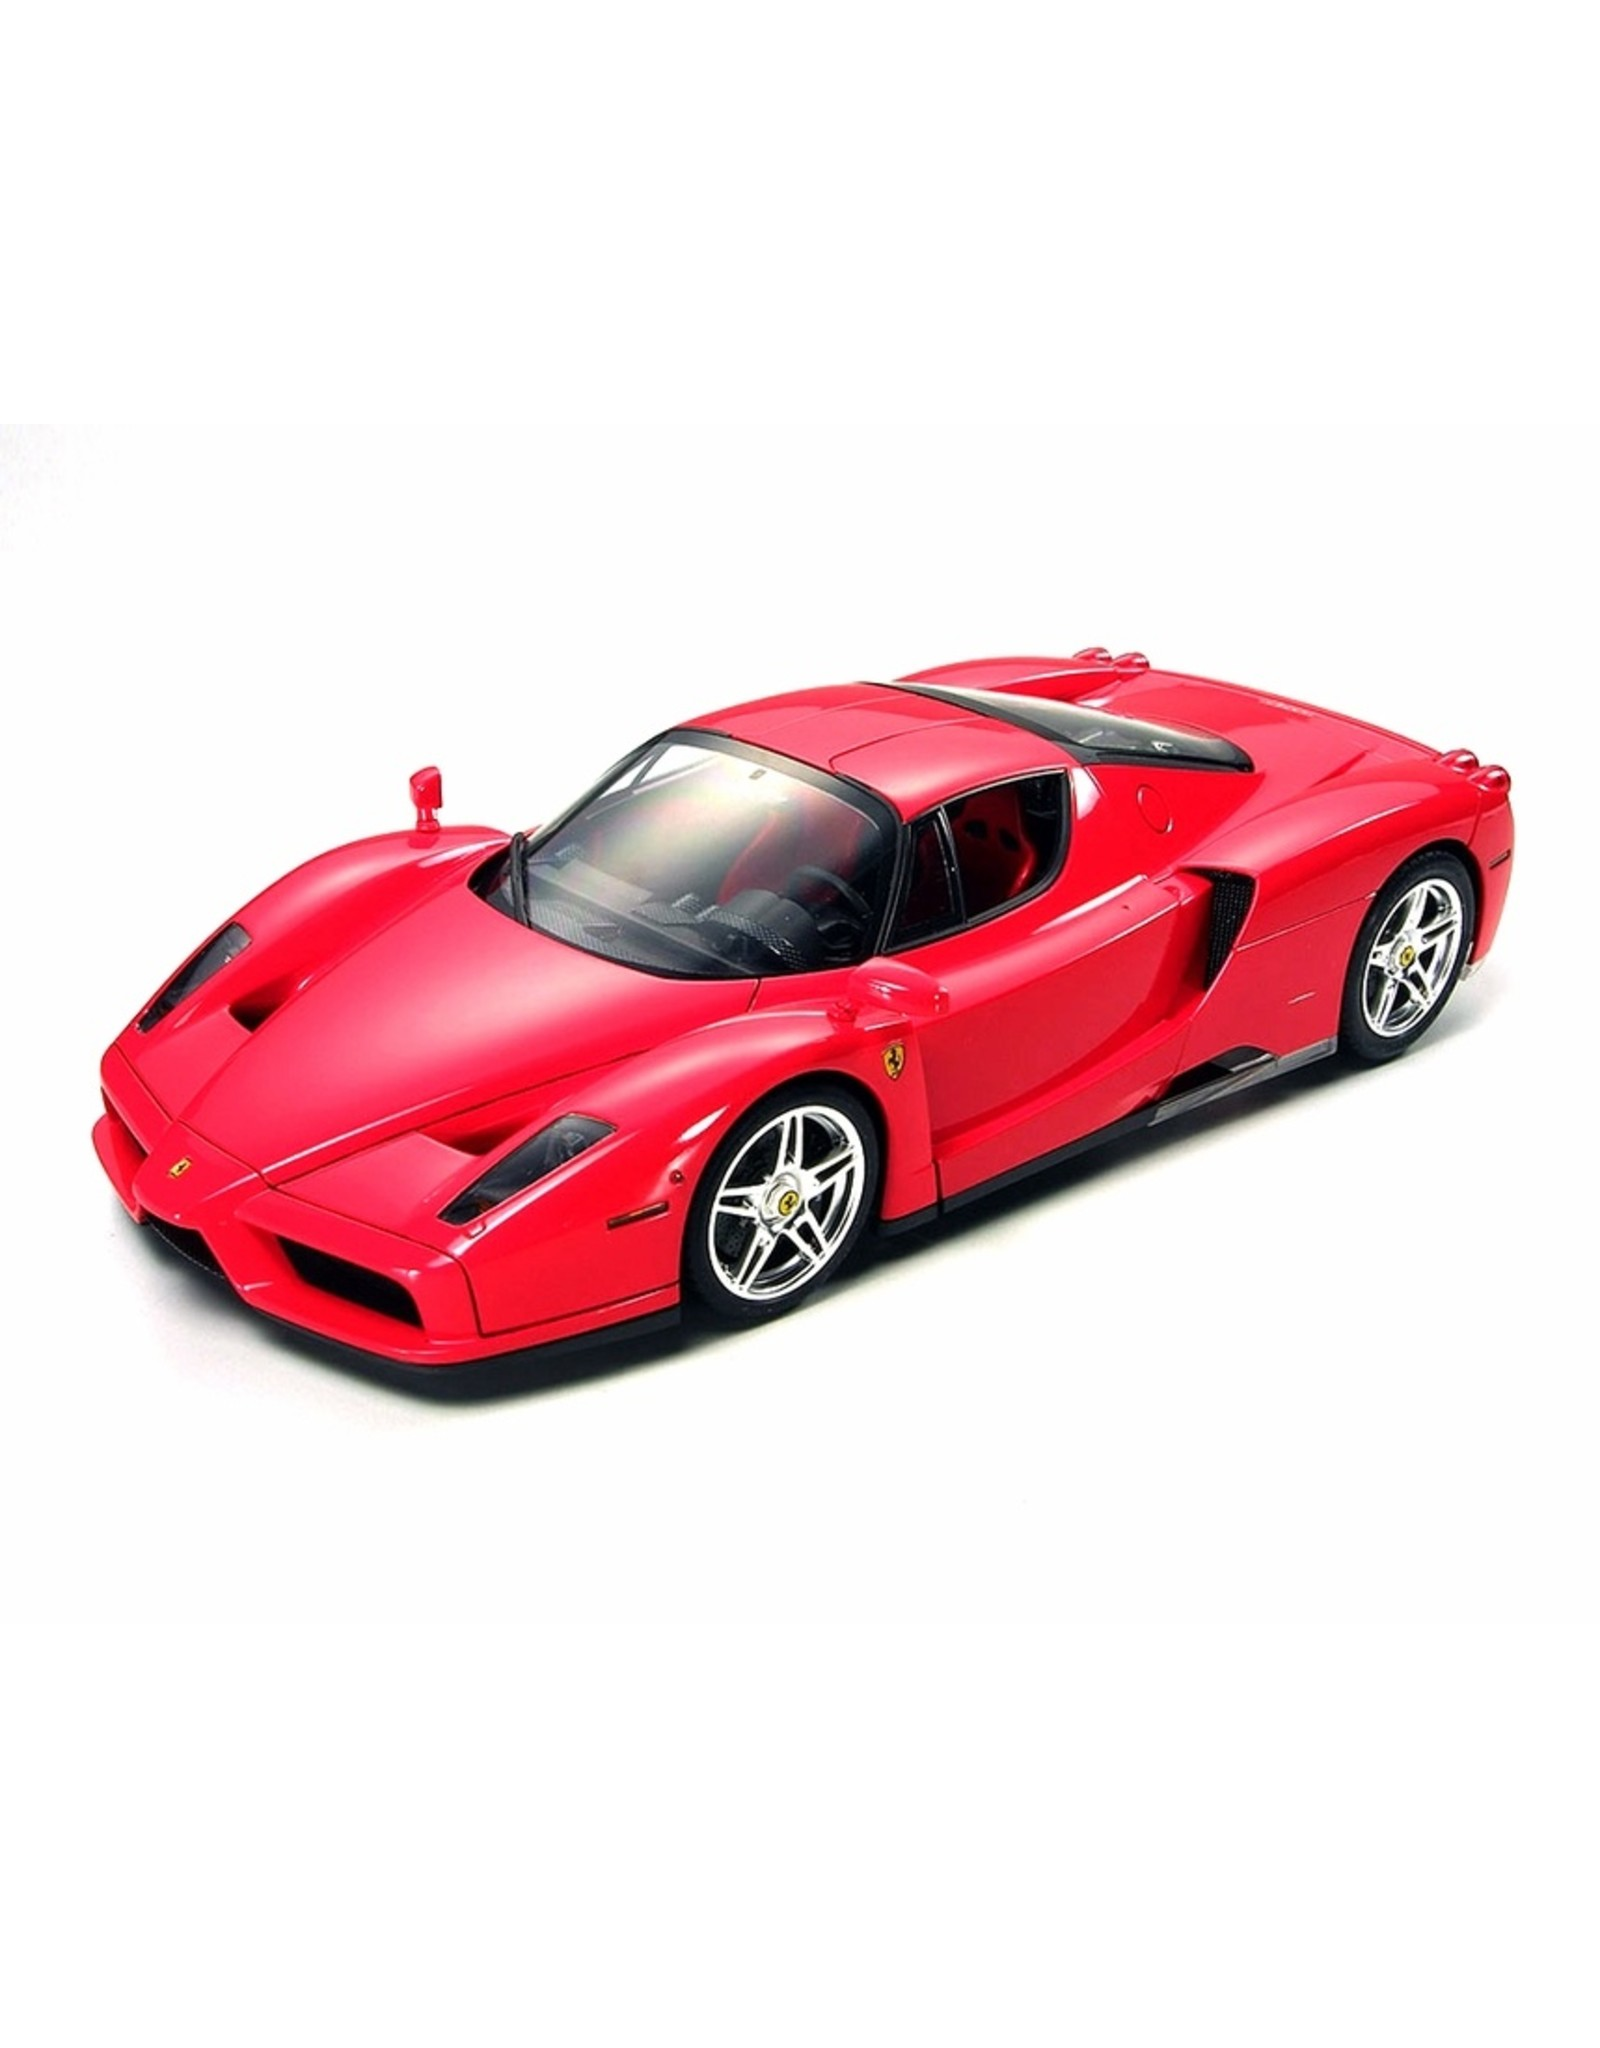 Tamiya 24302 1 24 Enzo Ferrari Red Model Kit Hub Hobby